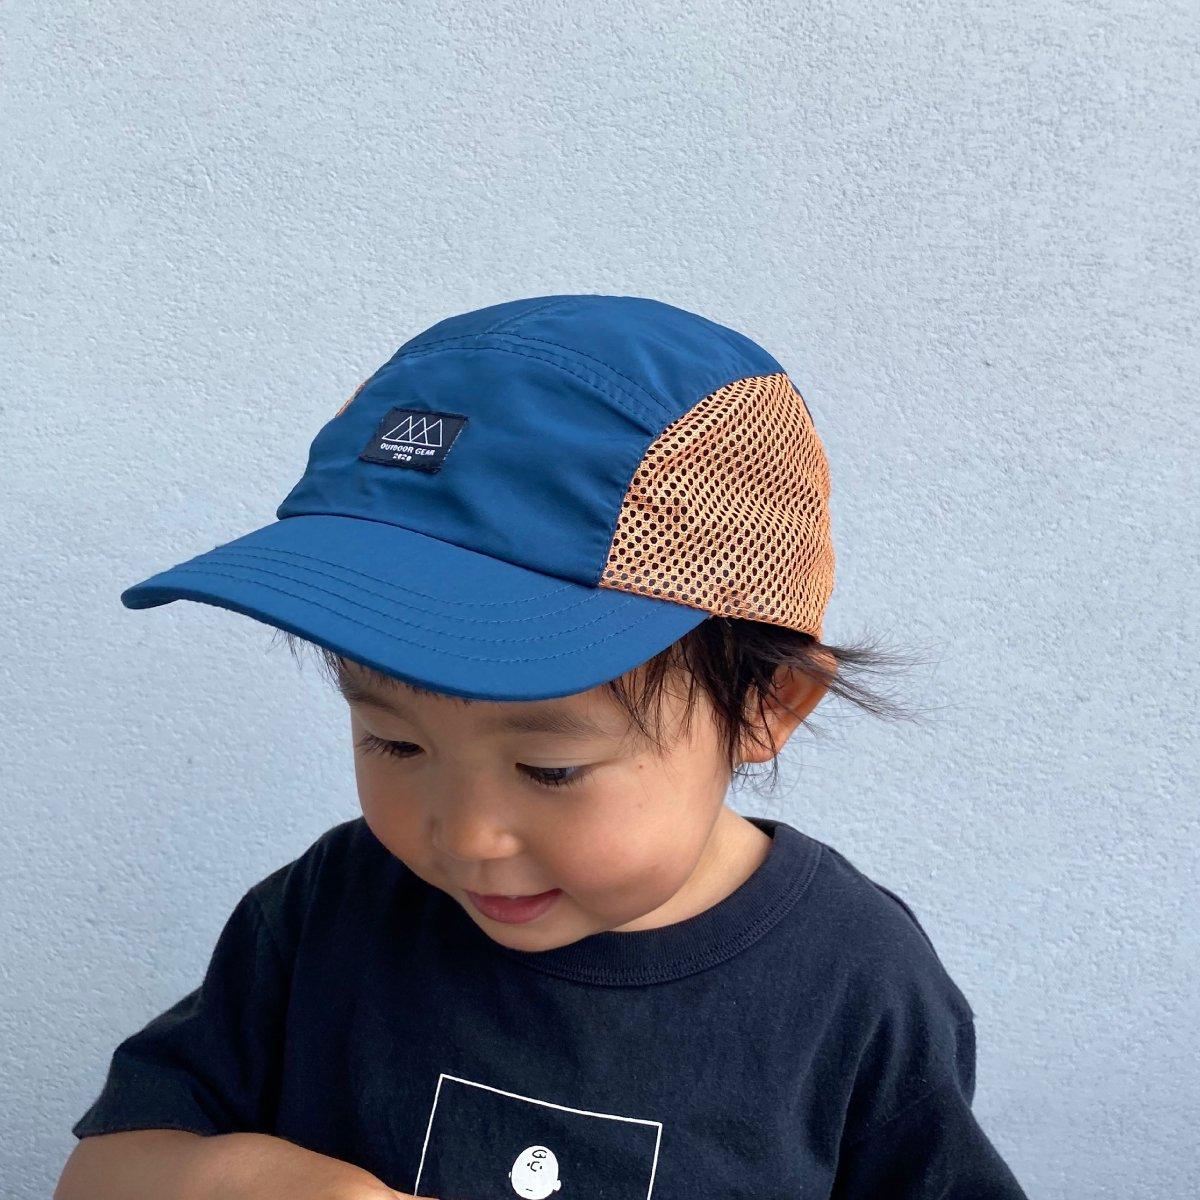 【KIDS】Kids Gear Jet Cap 詳細画像18